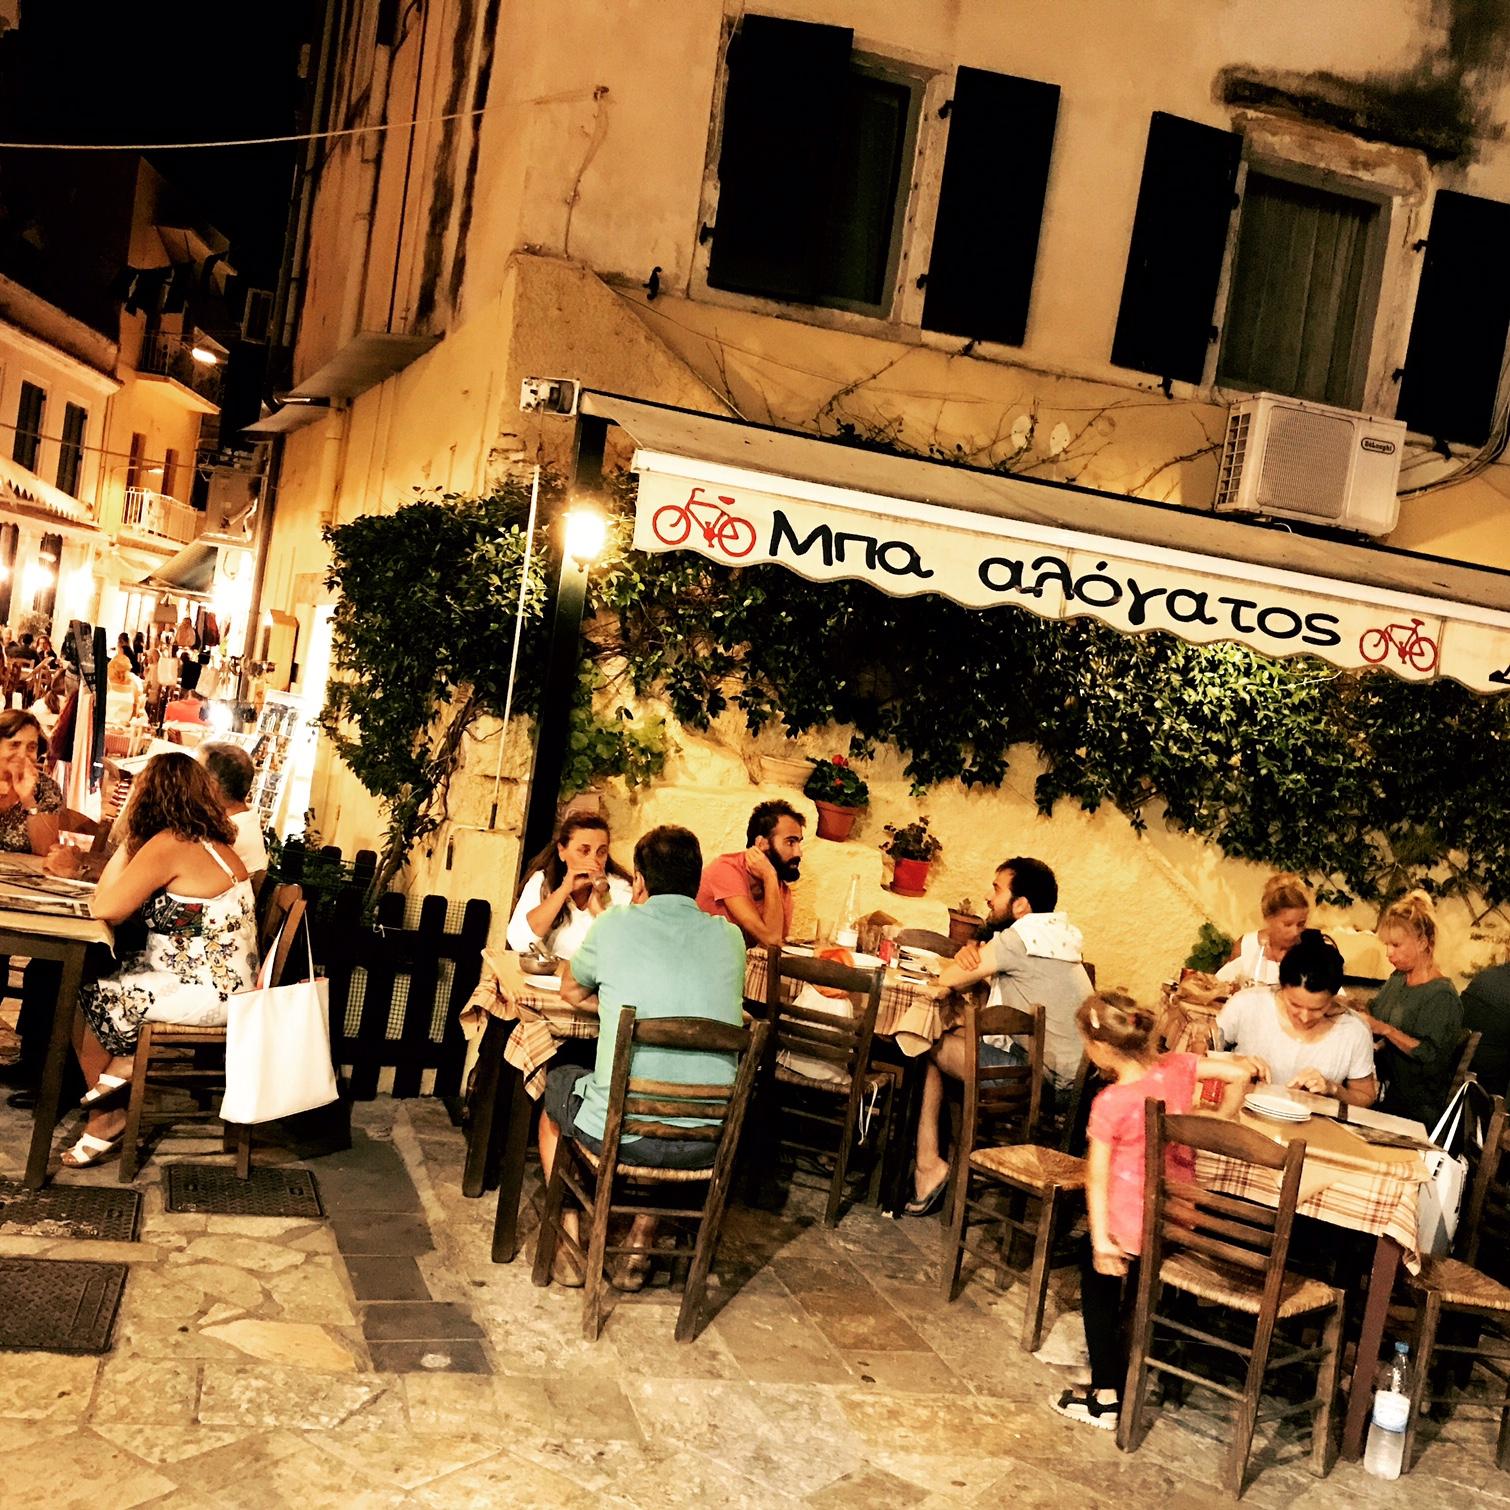 Blick auf die Bakalogatos Bar, Korfu Altstadt, Griechenland